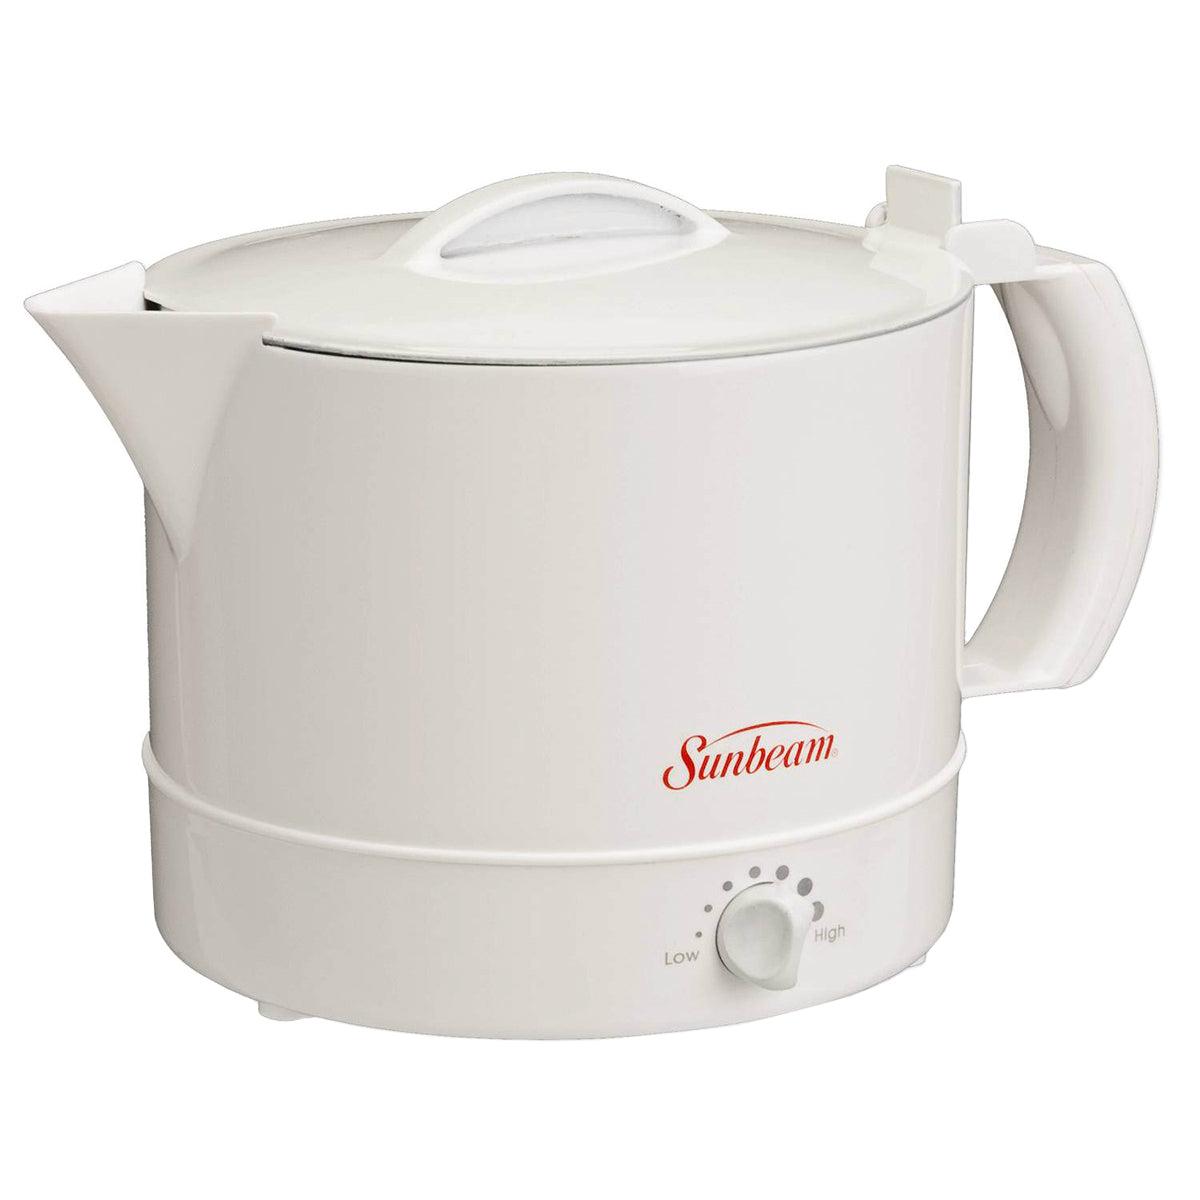 Sunbeam Bvsbwh1001 Hot Pot Express, 32 Oz